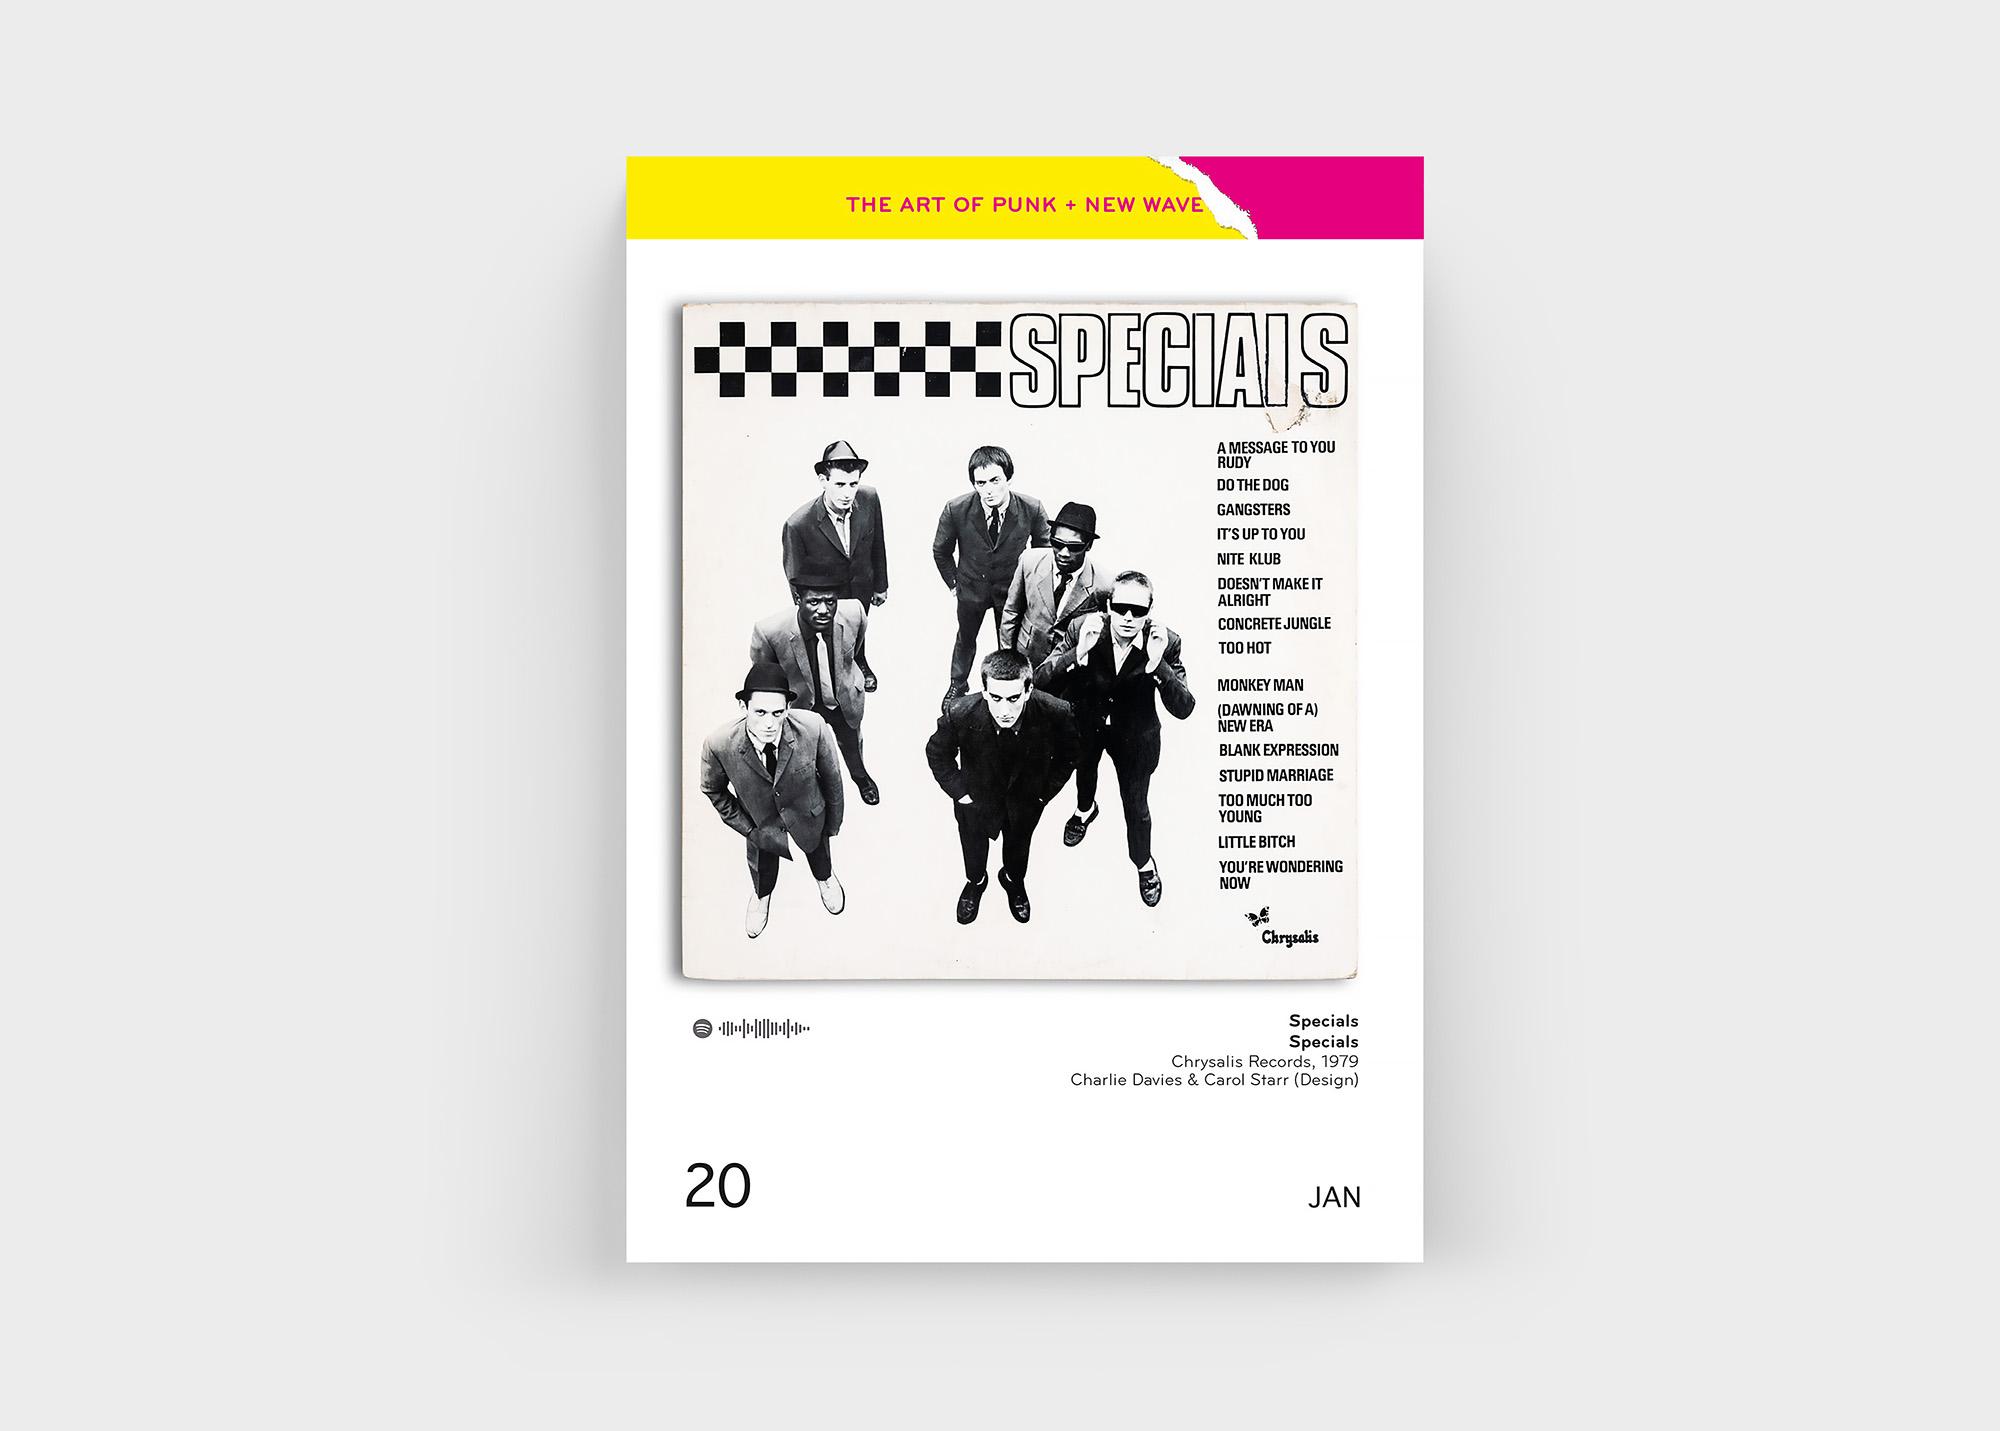 """Natürlich auch mit dabei im """"The Art Of Punk + New Wave Covers"""" Kalender von Oliver Seltmann: die Specials"""